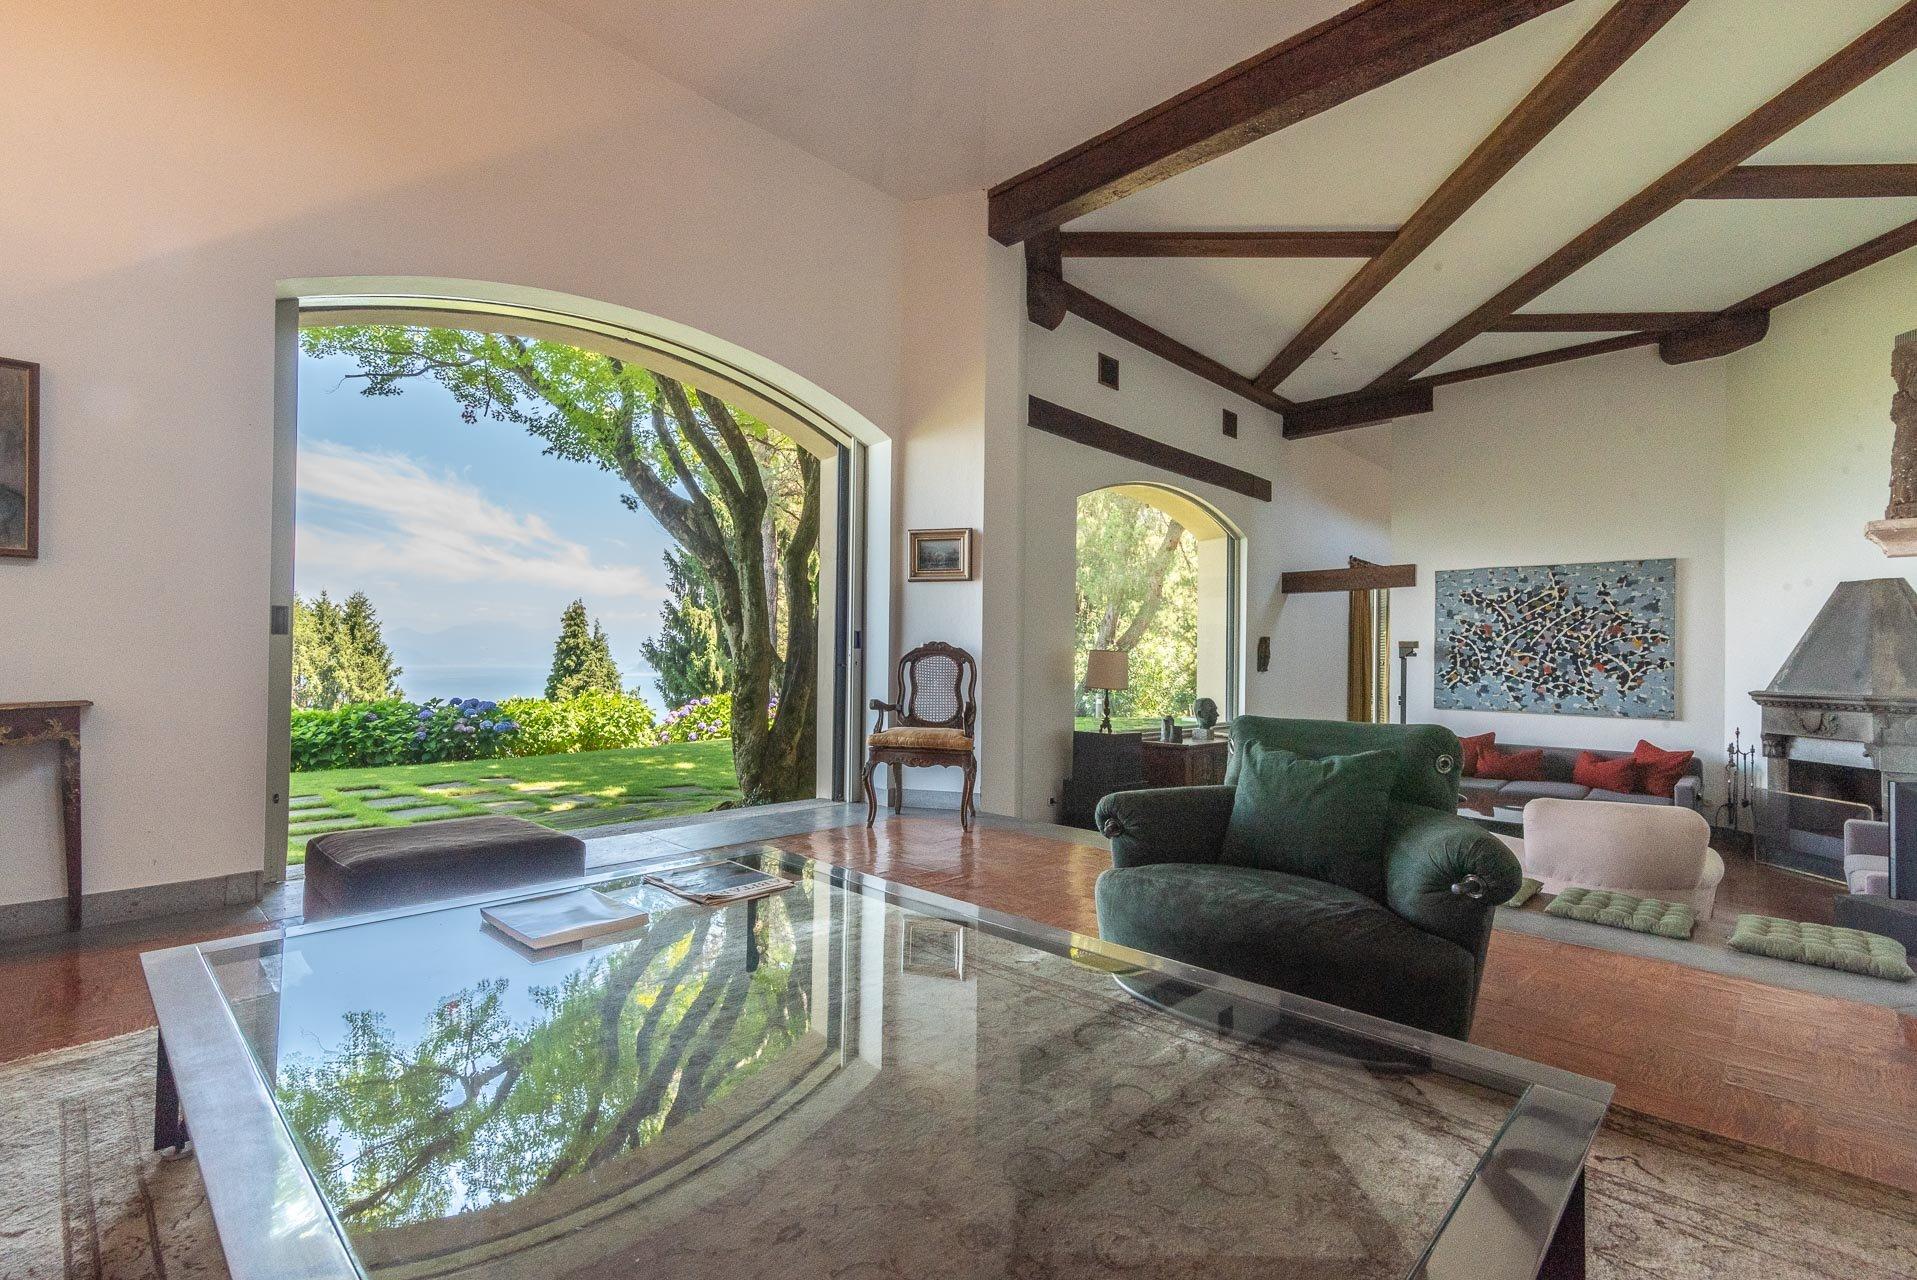 Elegant lake view villa for sale in Stresa - lake view salon